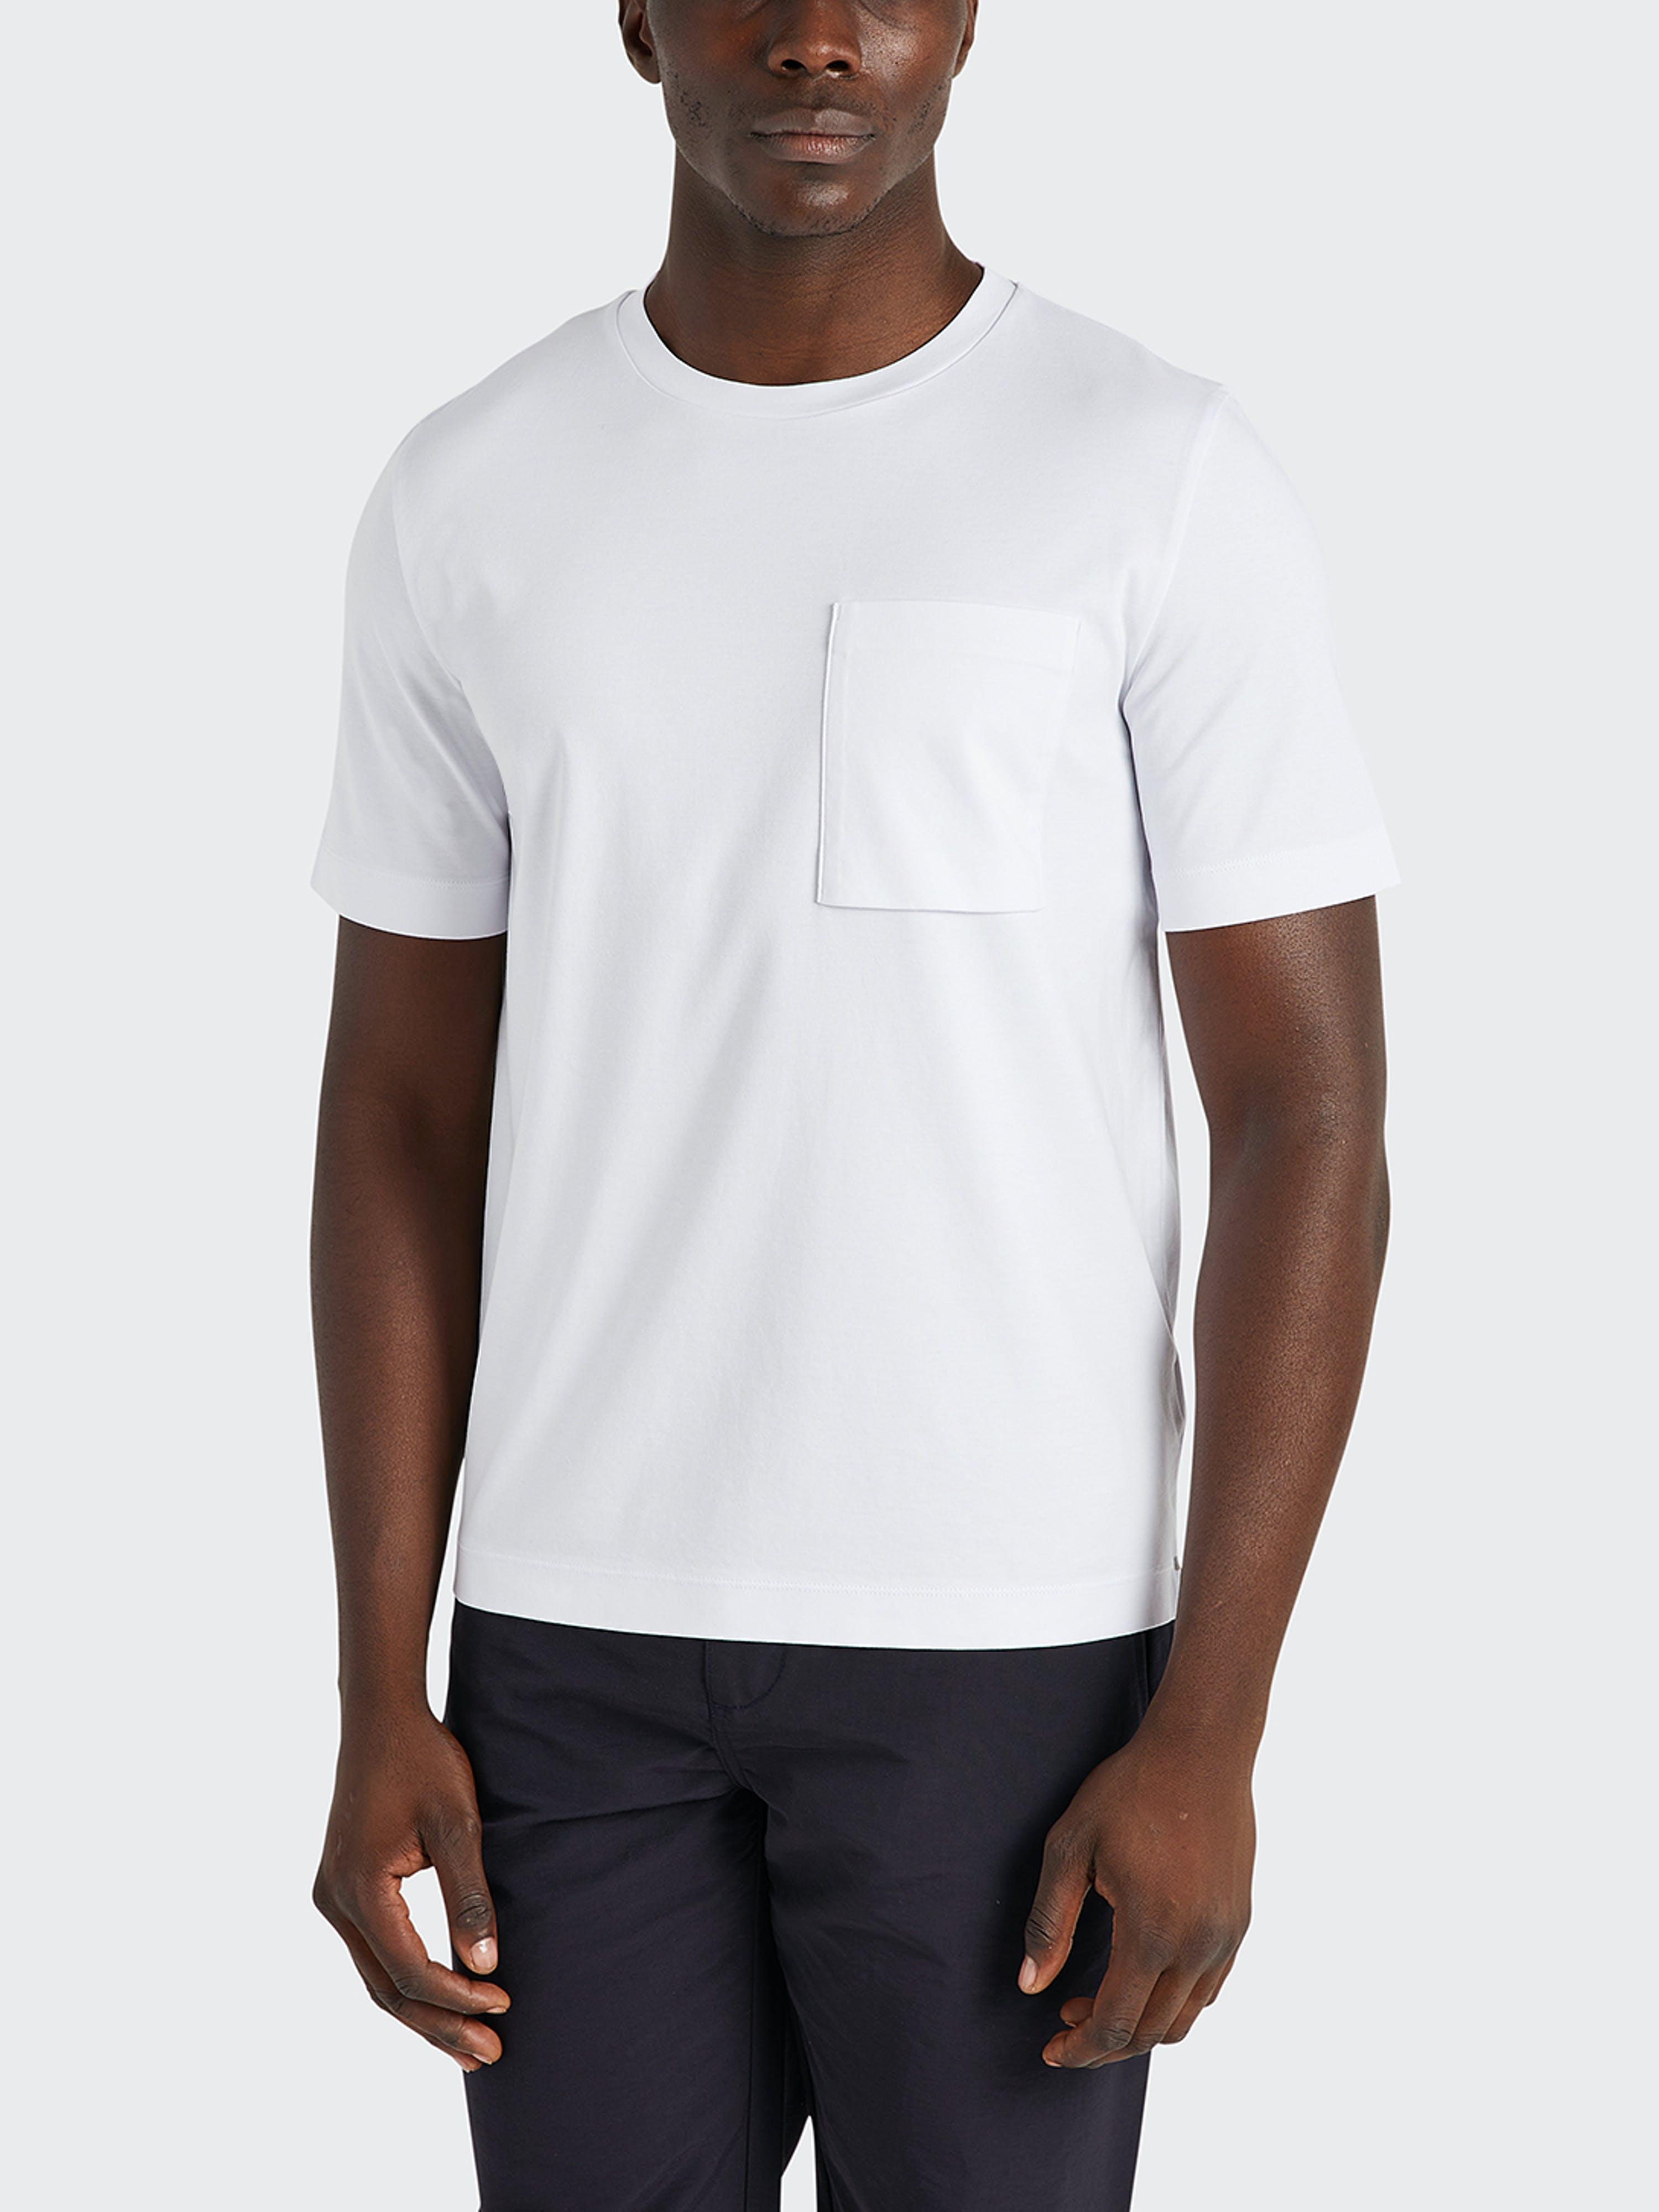 ONS Clothing Baseile Pocket Tee  - White